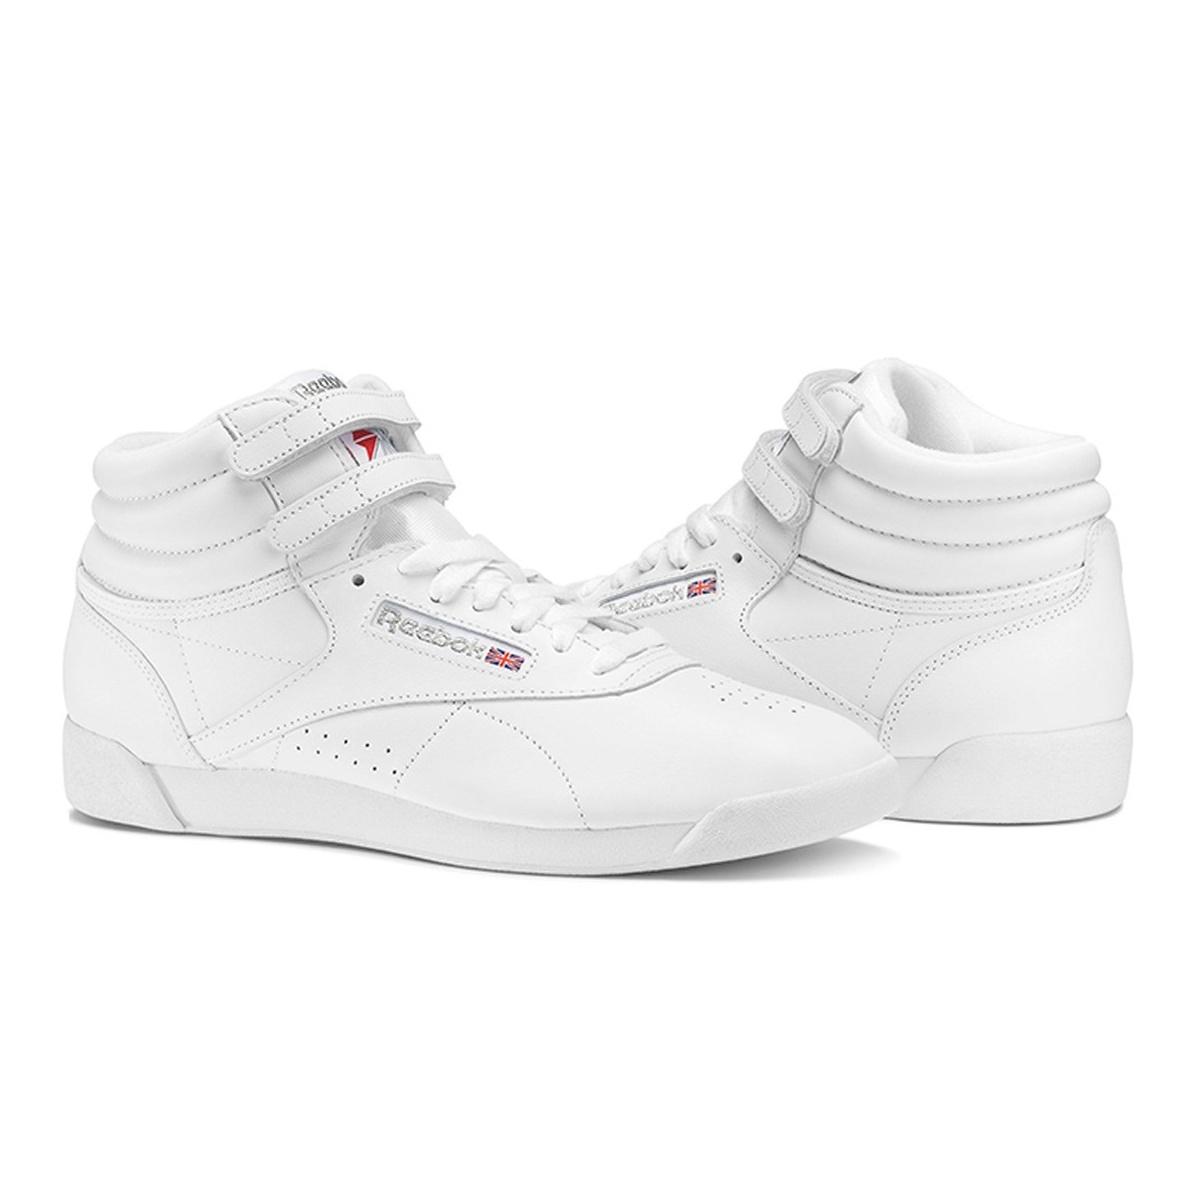 کفش راحتی زنانه ریباک مدل F-S HI-INT -  - 3